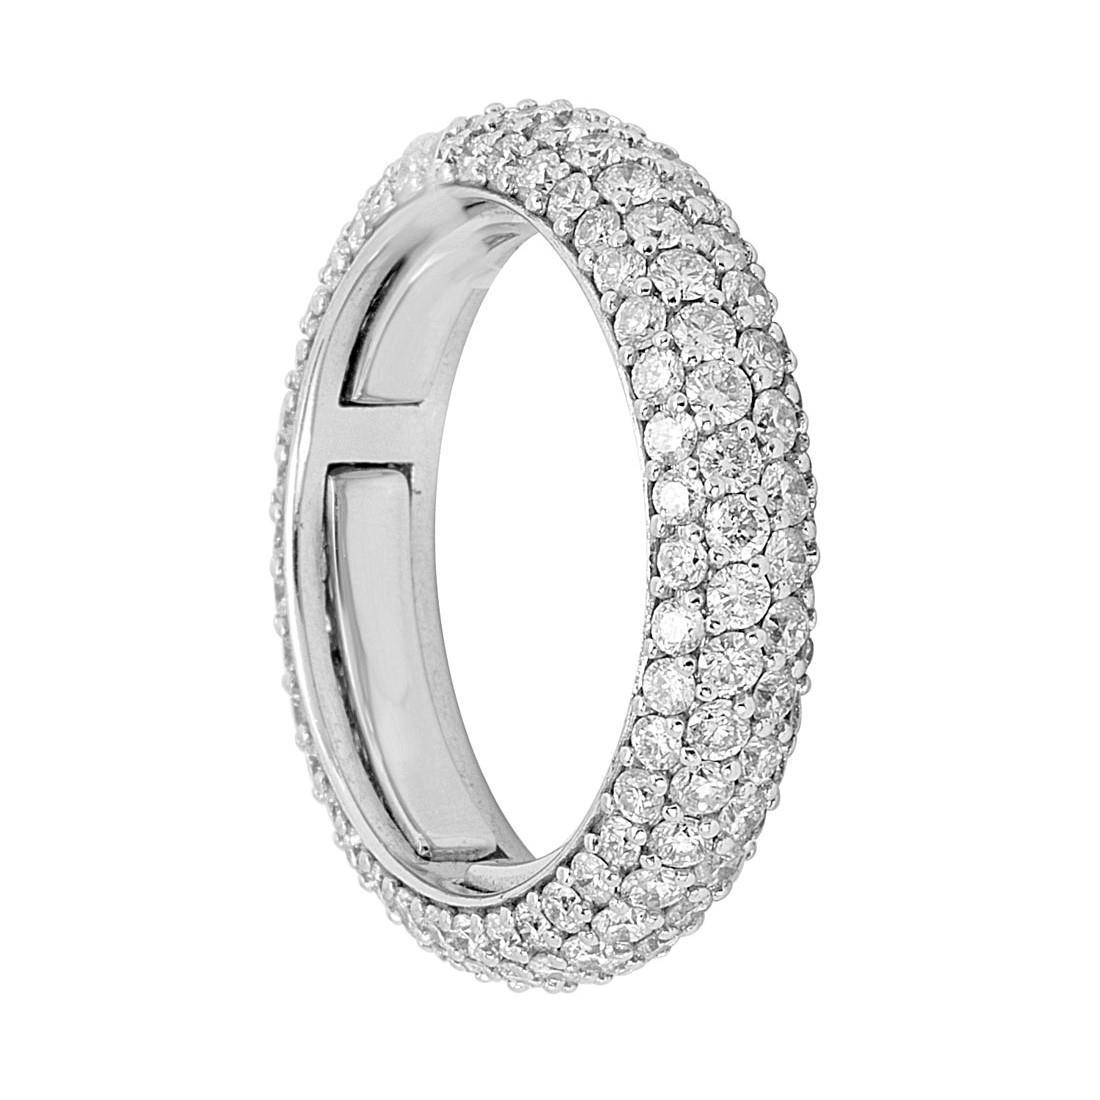 Anello in oro bianco con diamanti ct 2.55 - ALFIERI & ST. JOHN